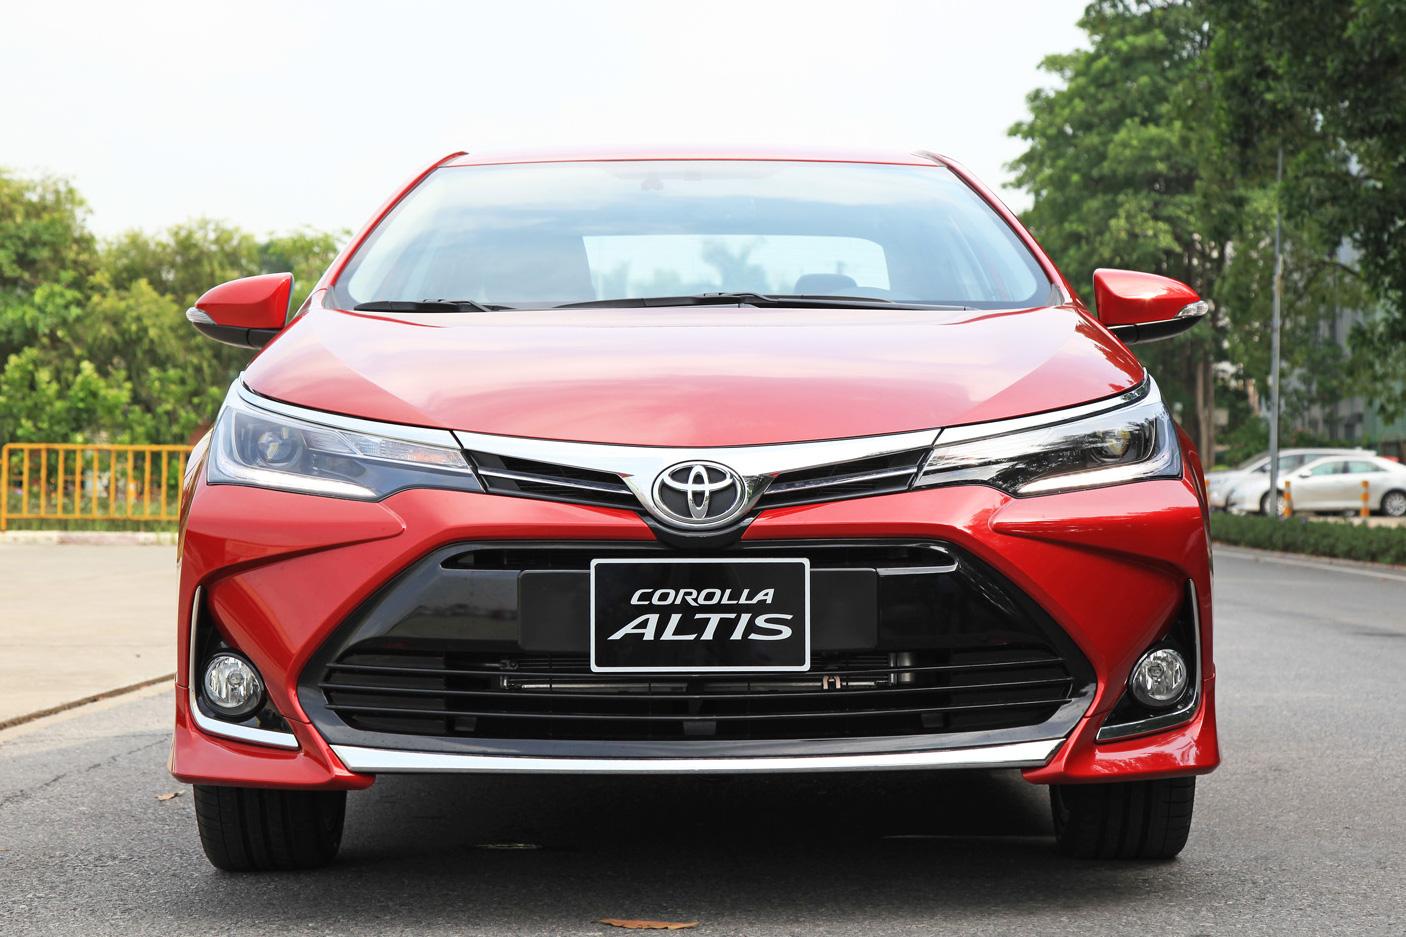 Toyota Corolla nổi tiếng tiết kiệm xăng, nay lại tiết kiệm hơn nữa nhờ công nghệ mới